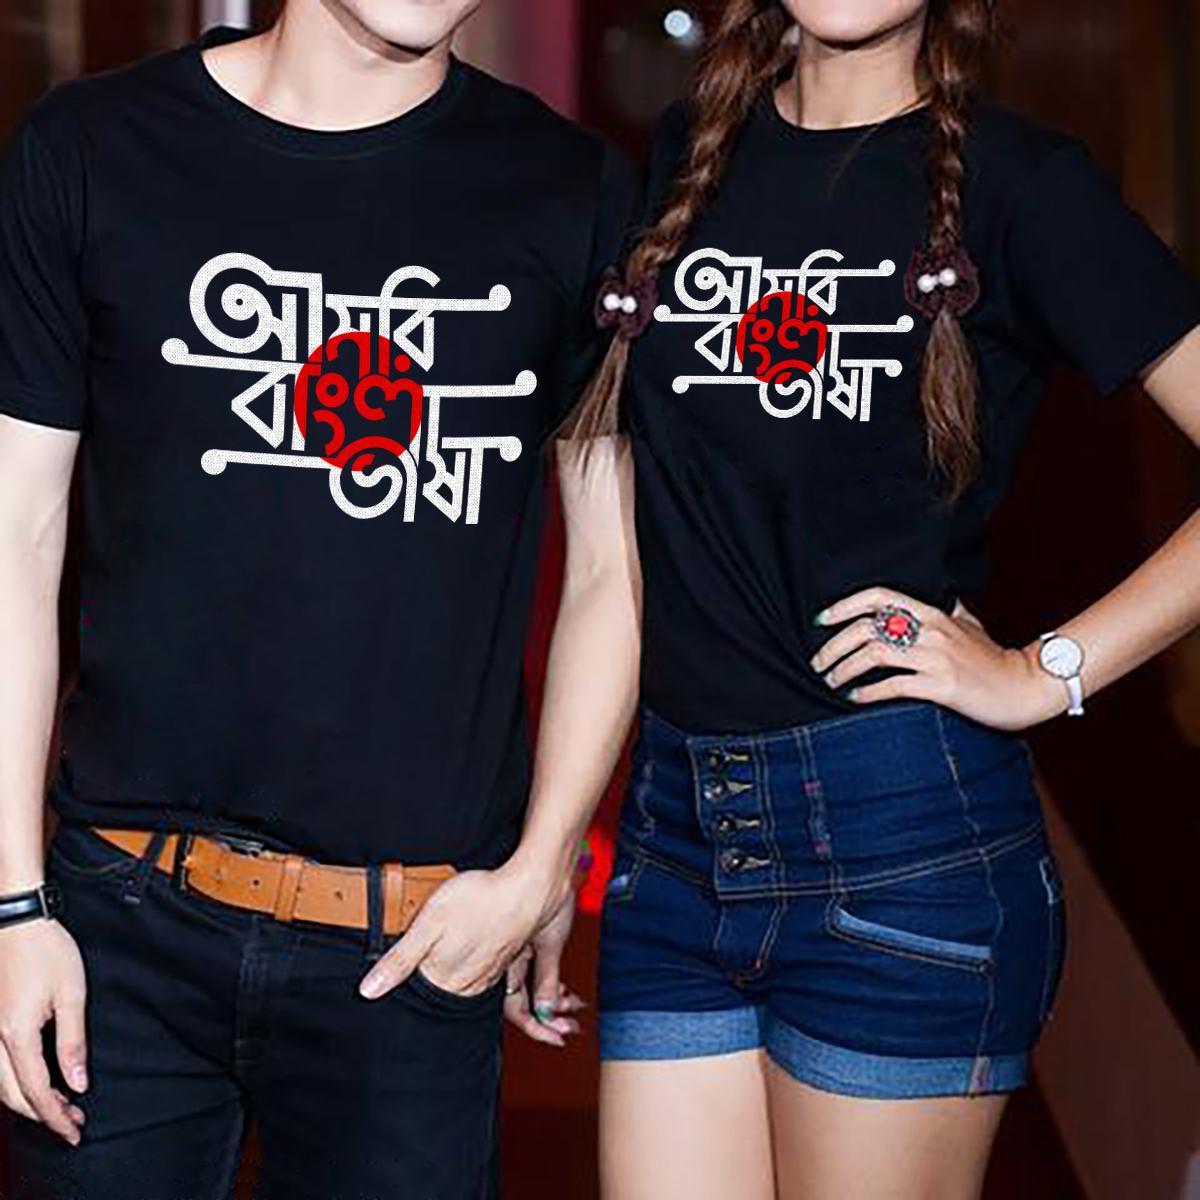 21 february Tshirt design